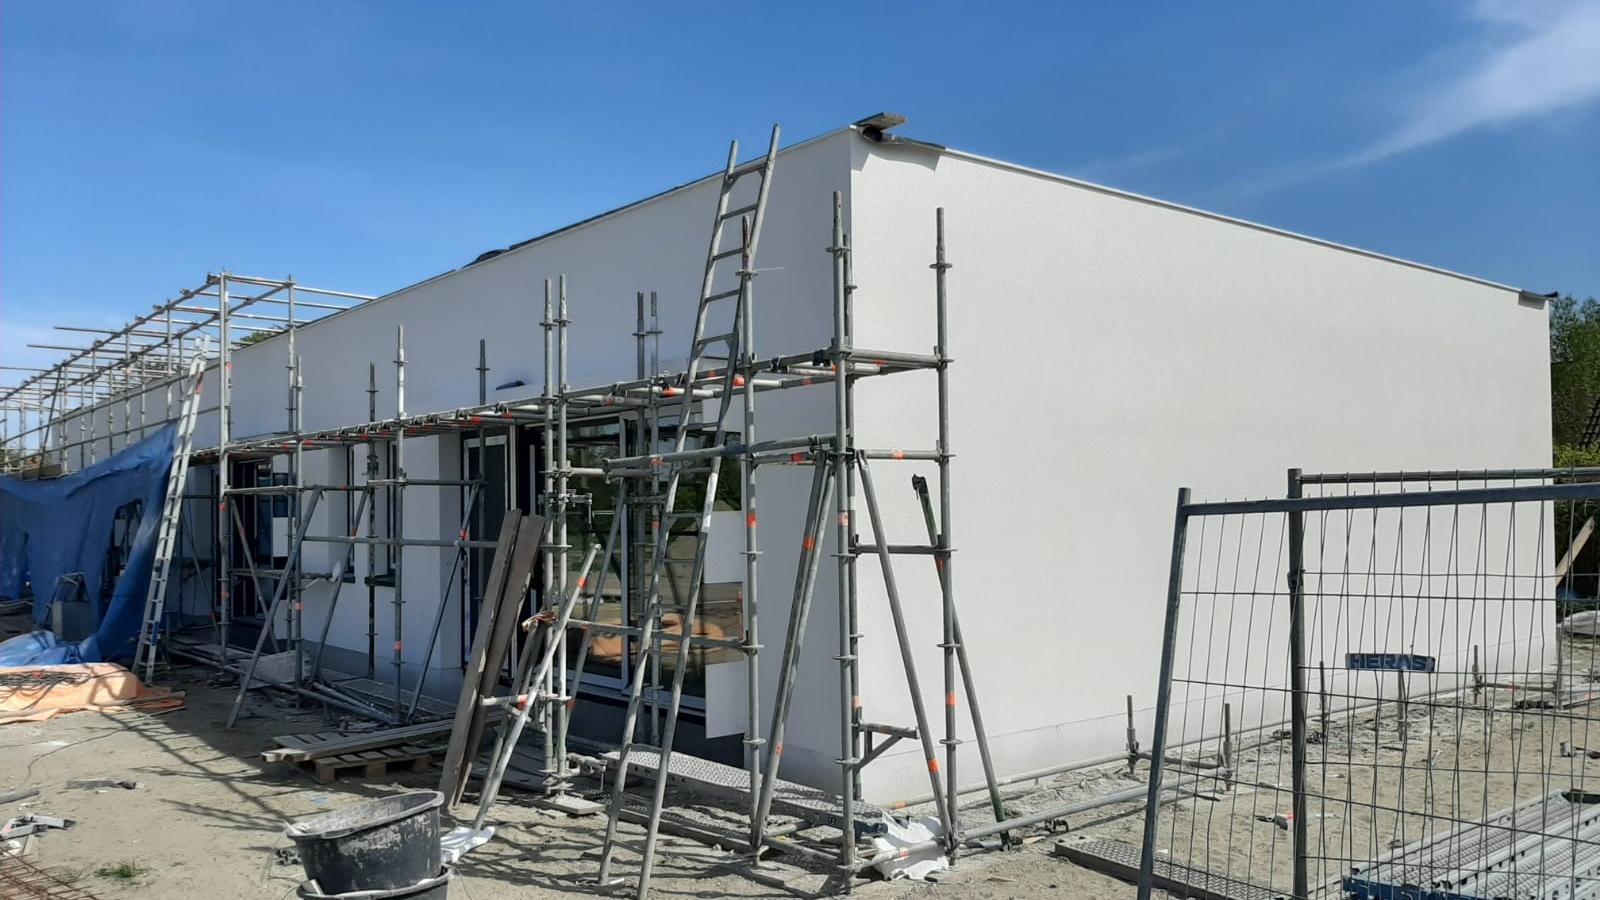 Nieuwbouw Natuurlijk Wissenkerke